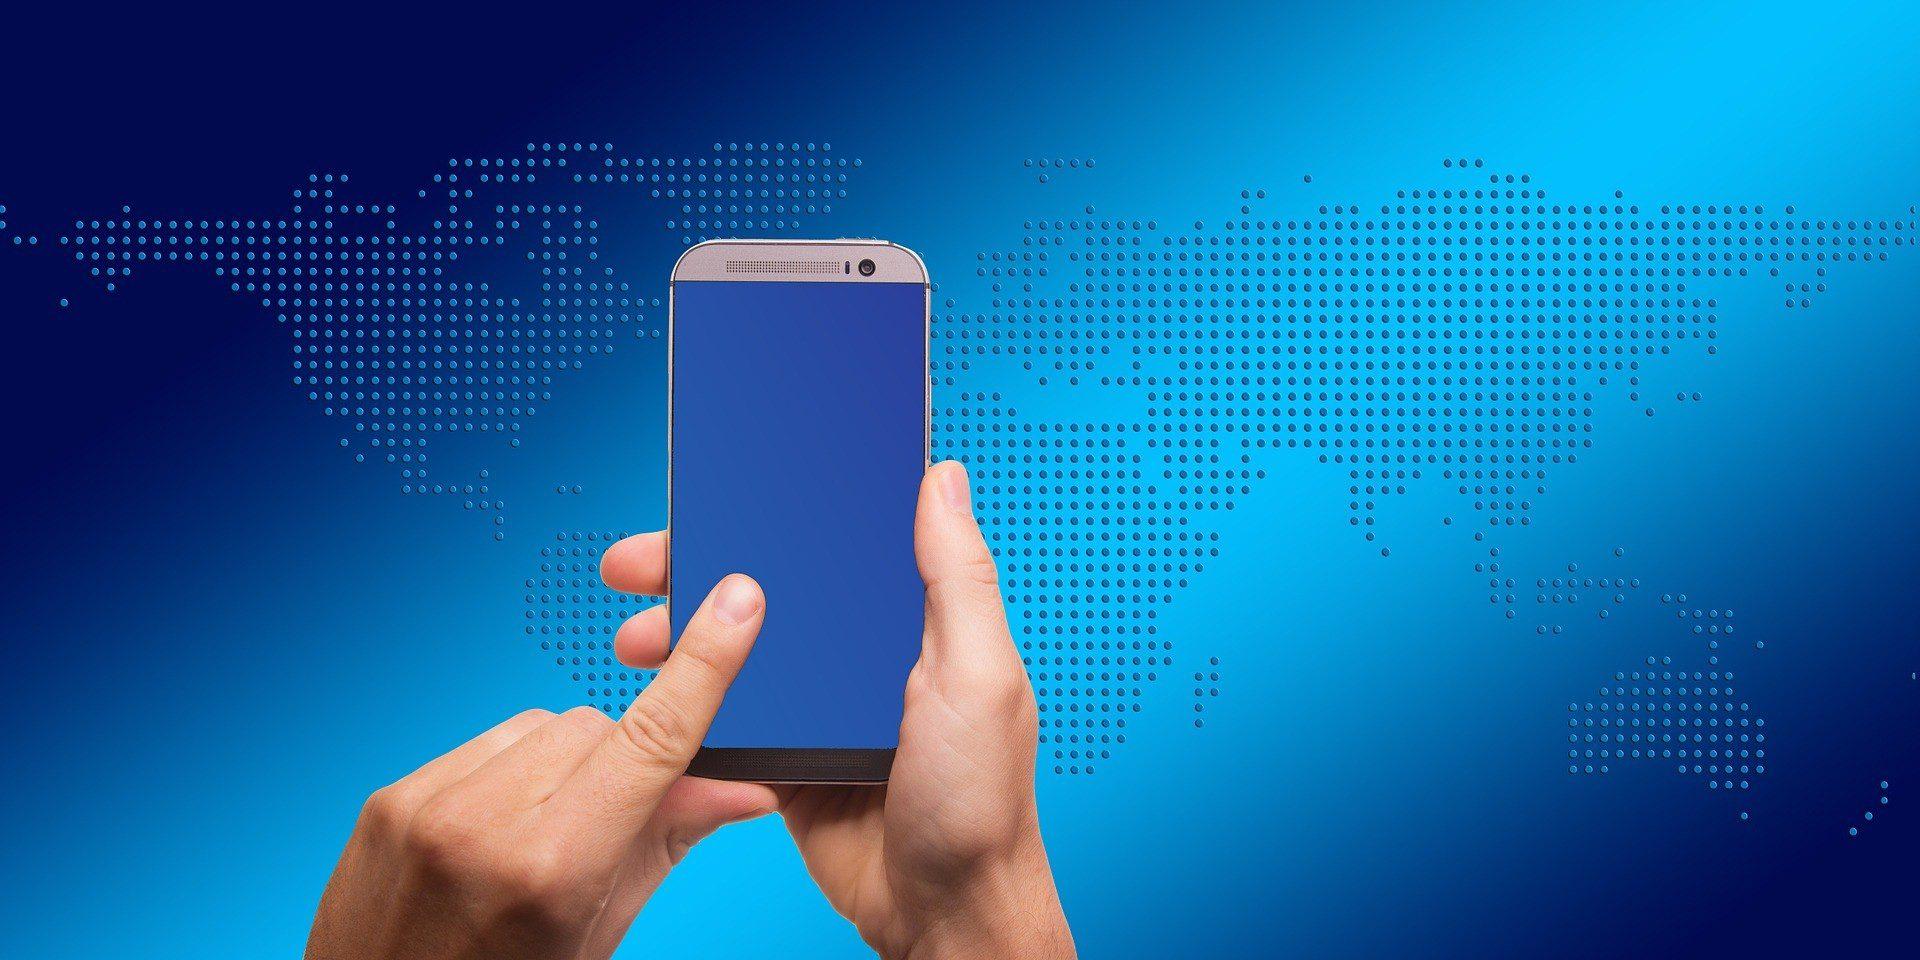 Empresas e indústrias já podem ser gerenciadas através do celular